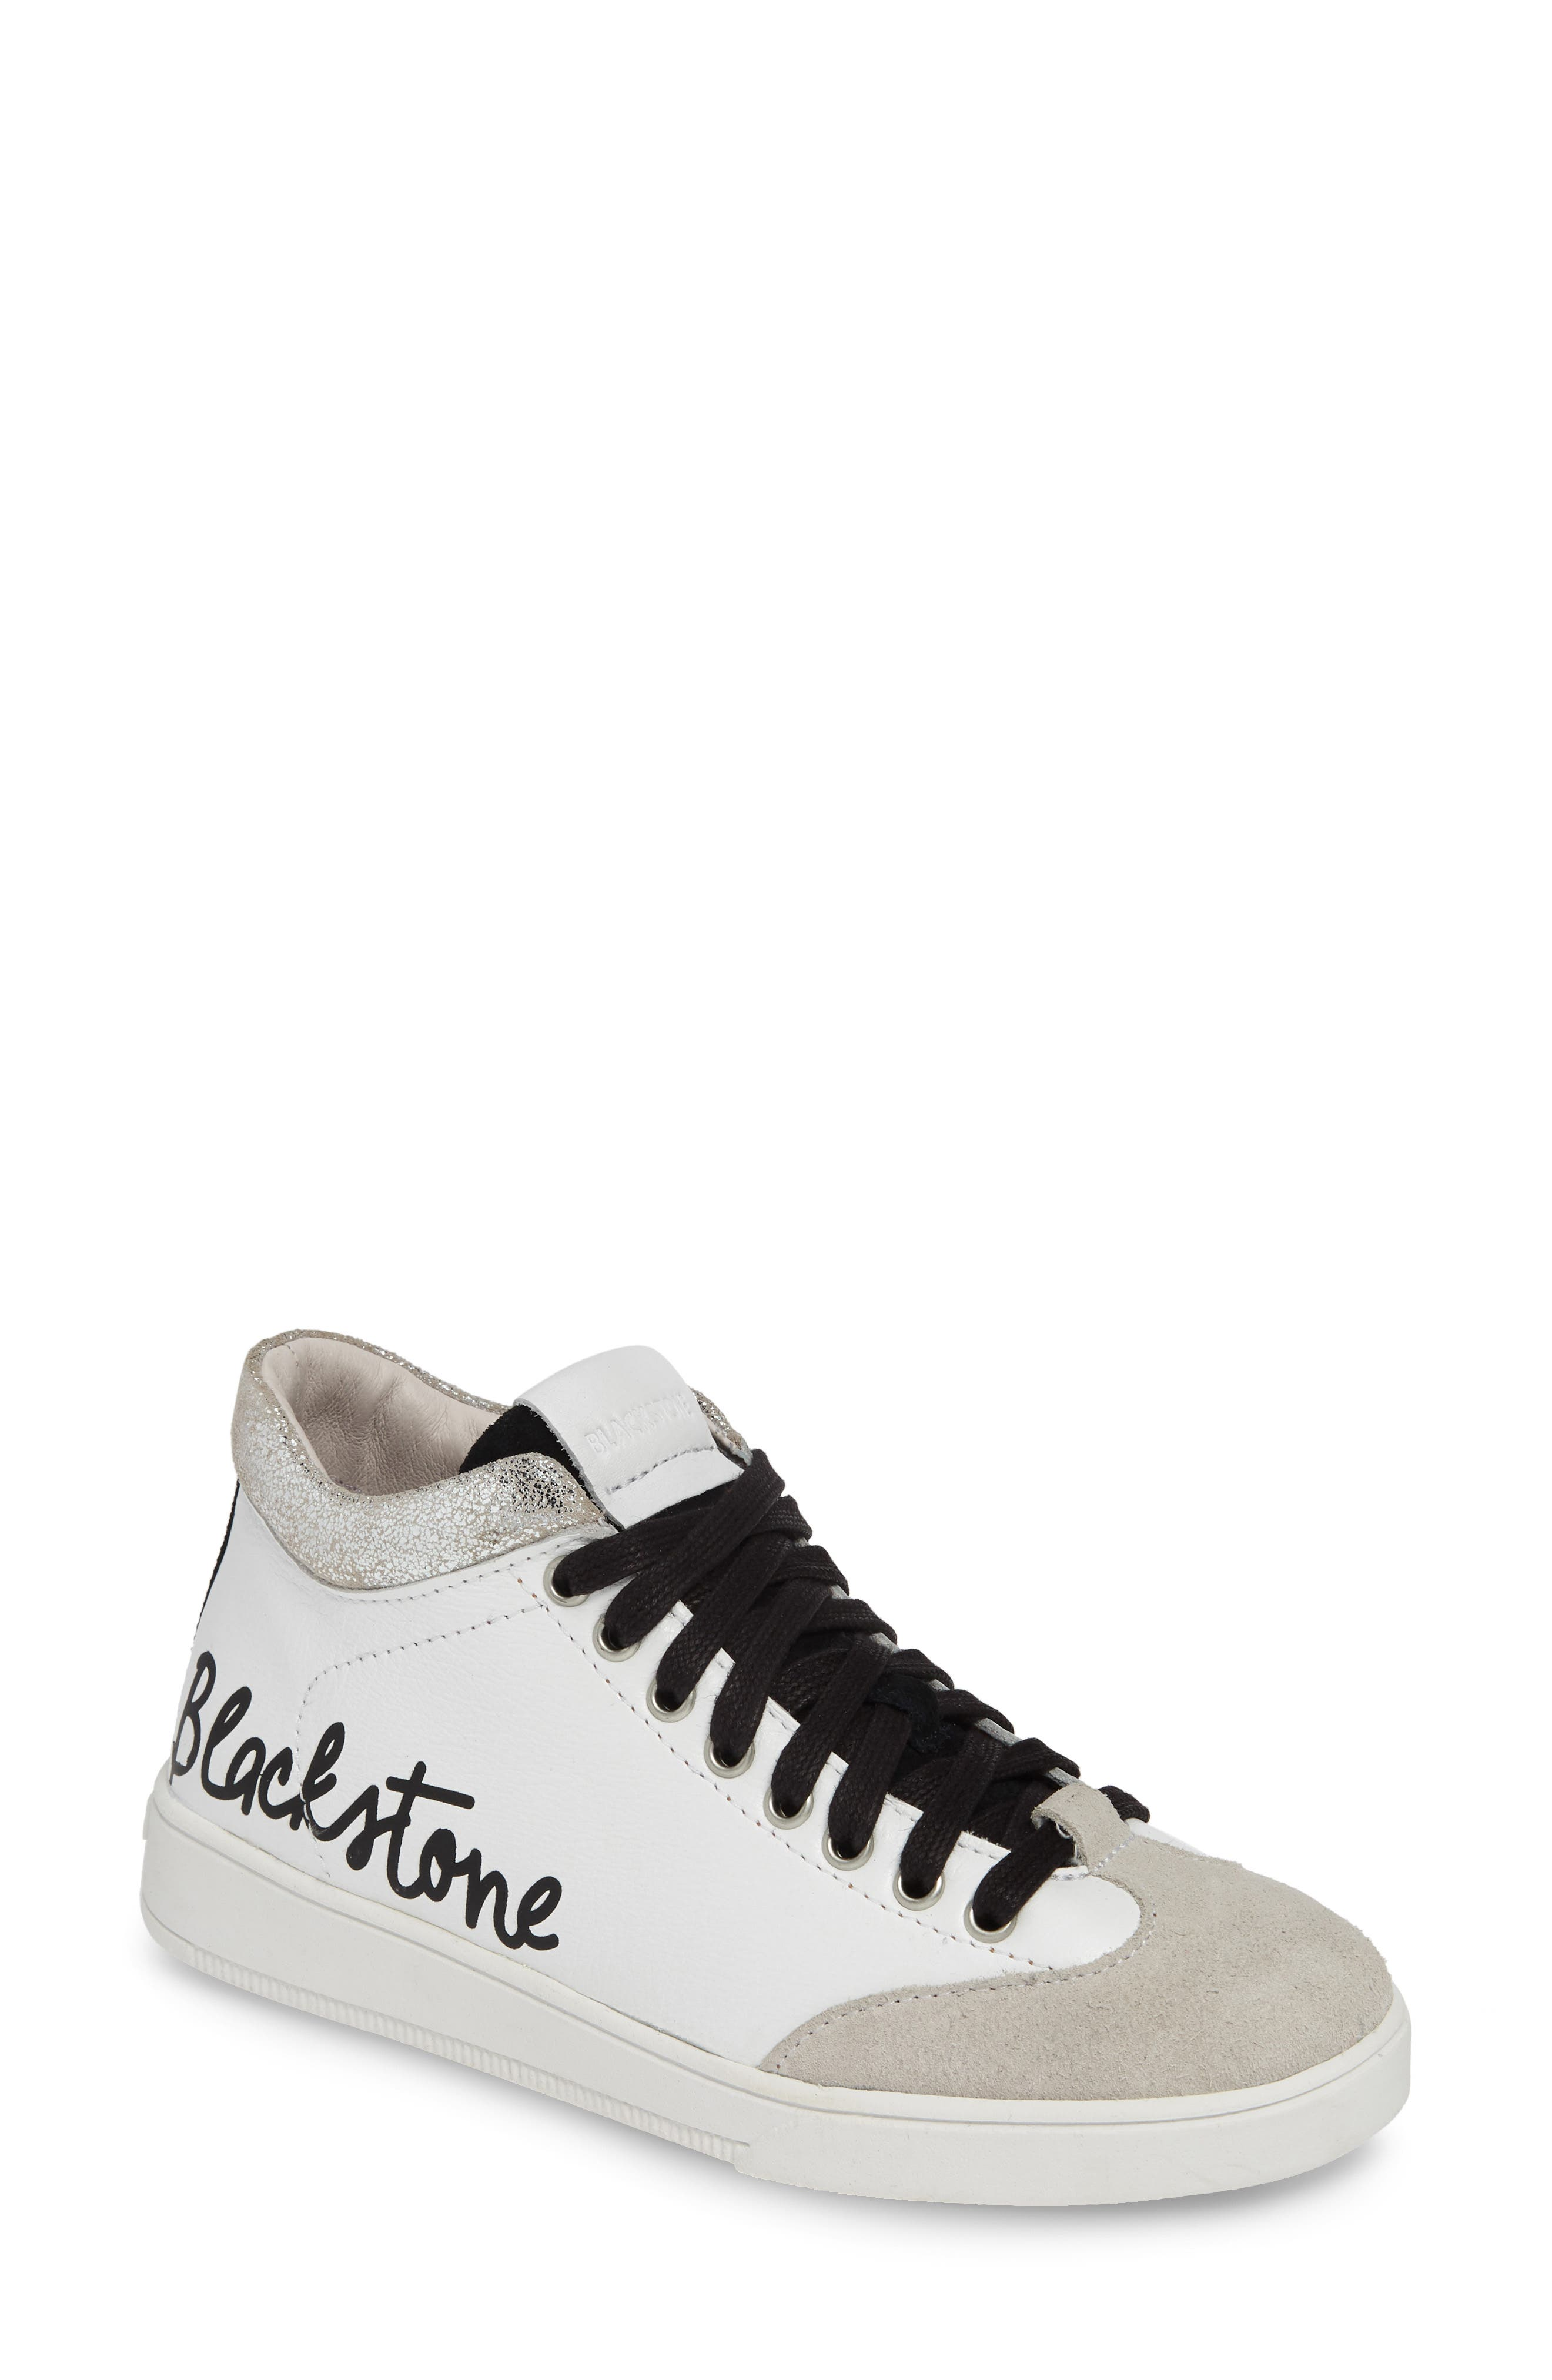 Rl89 Mid Top Sneaker